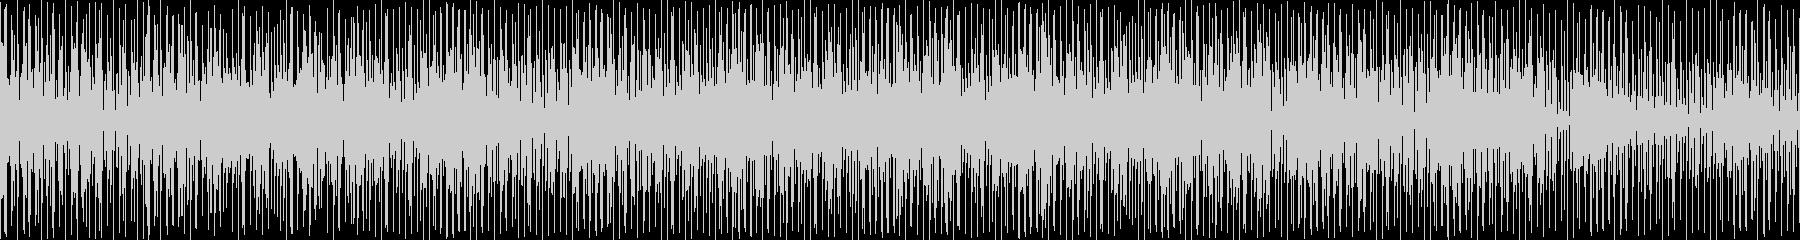 リズム良く楽しげでユニークなインストですの未再生の波形